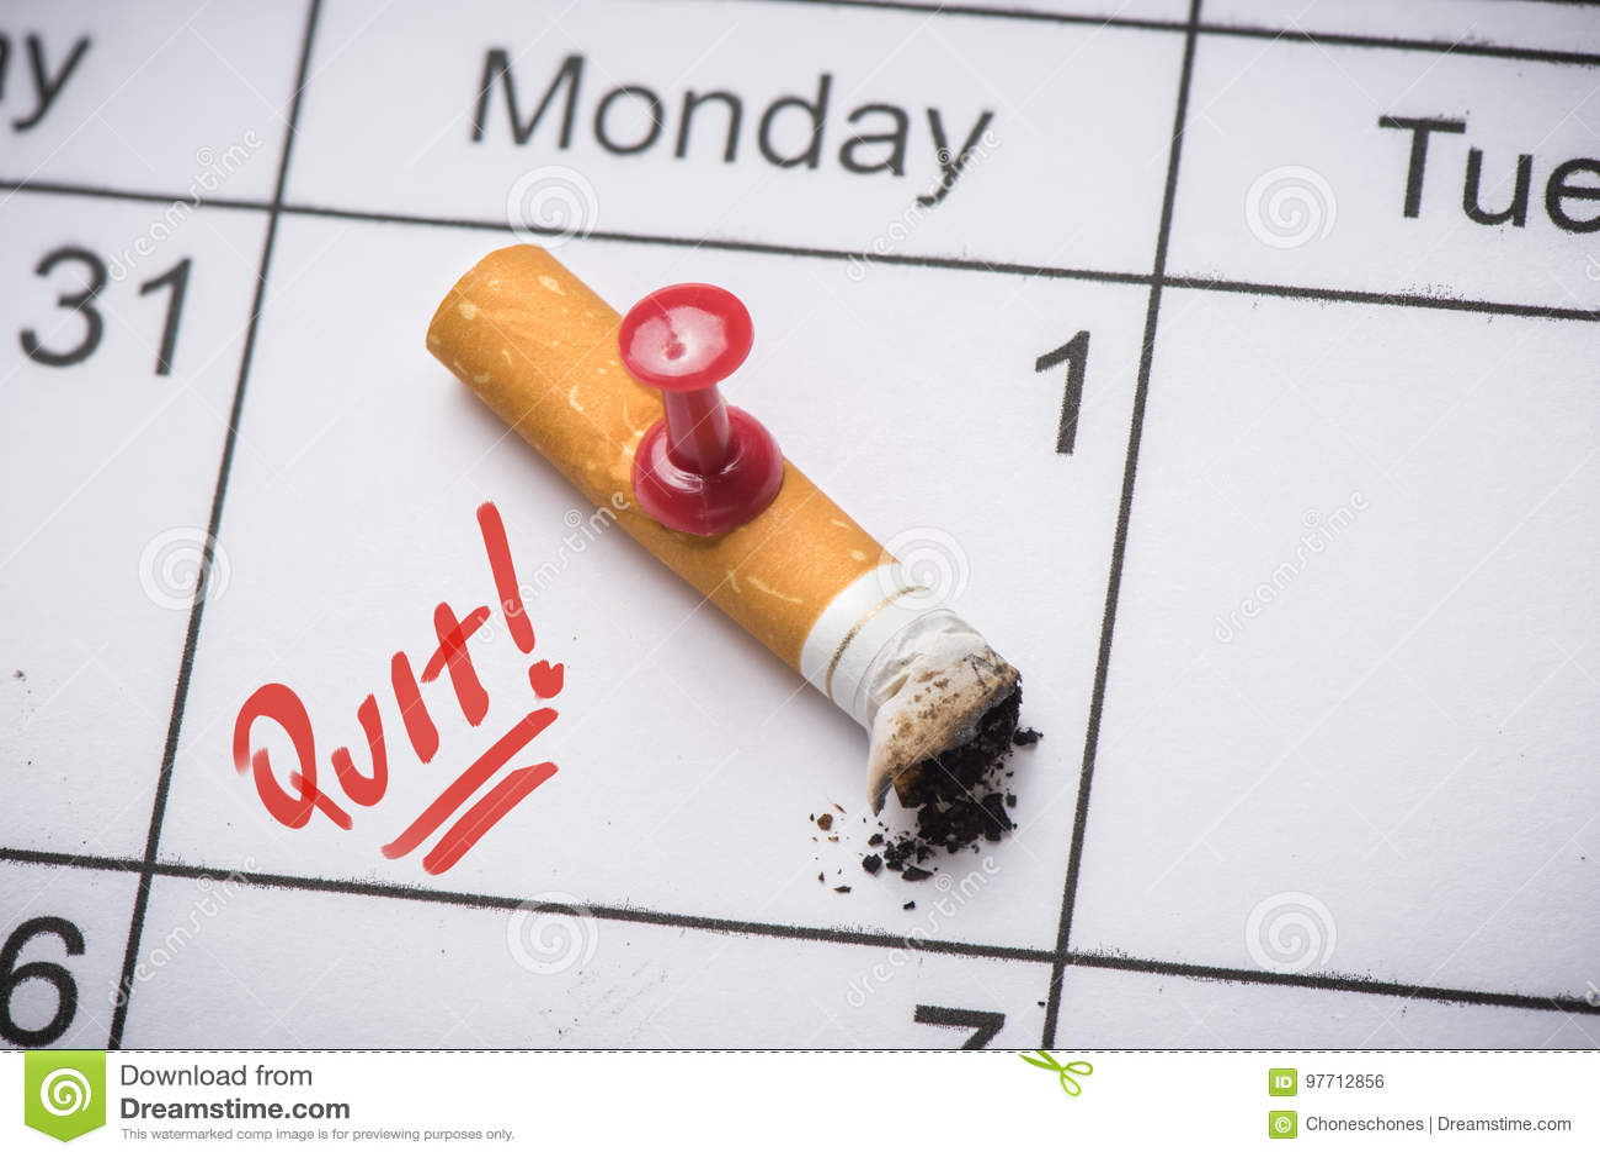 Beenden Sie Smoking